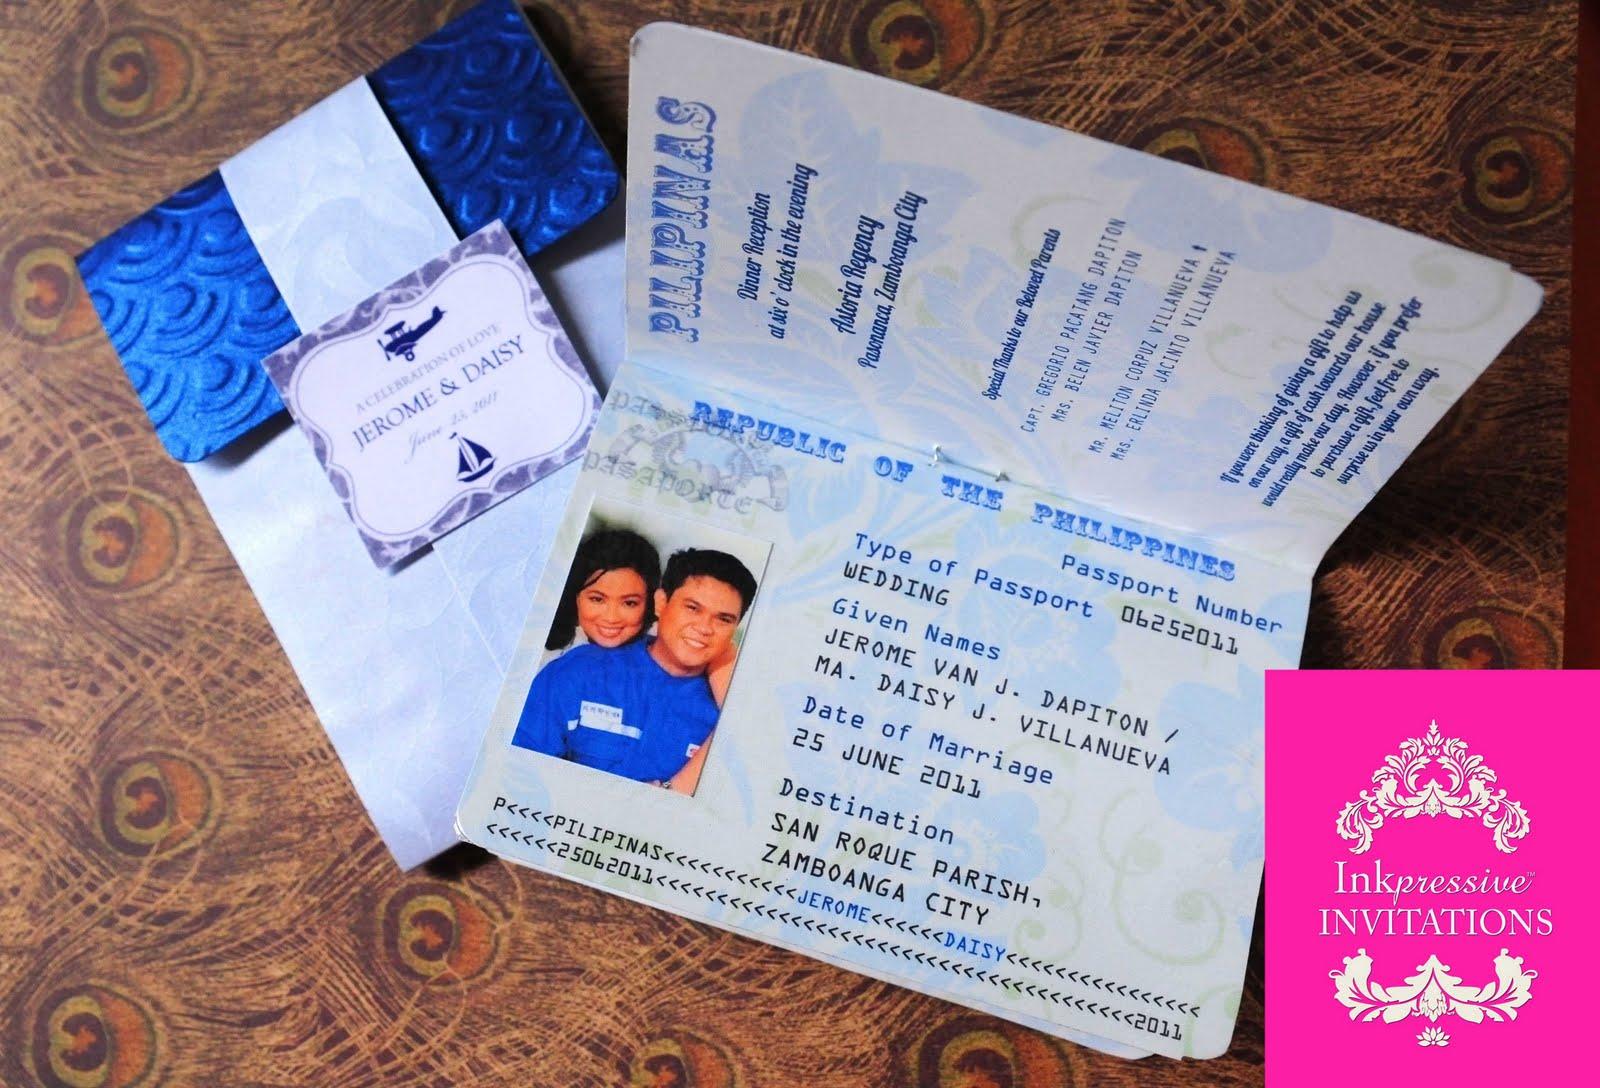 Passport Invitation Blue and Silver INKPRESSIVE INVITATIONS